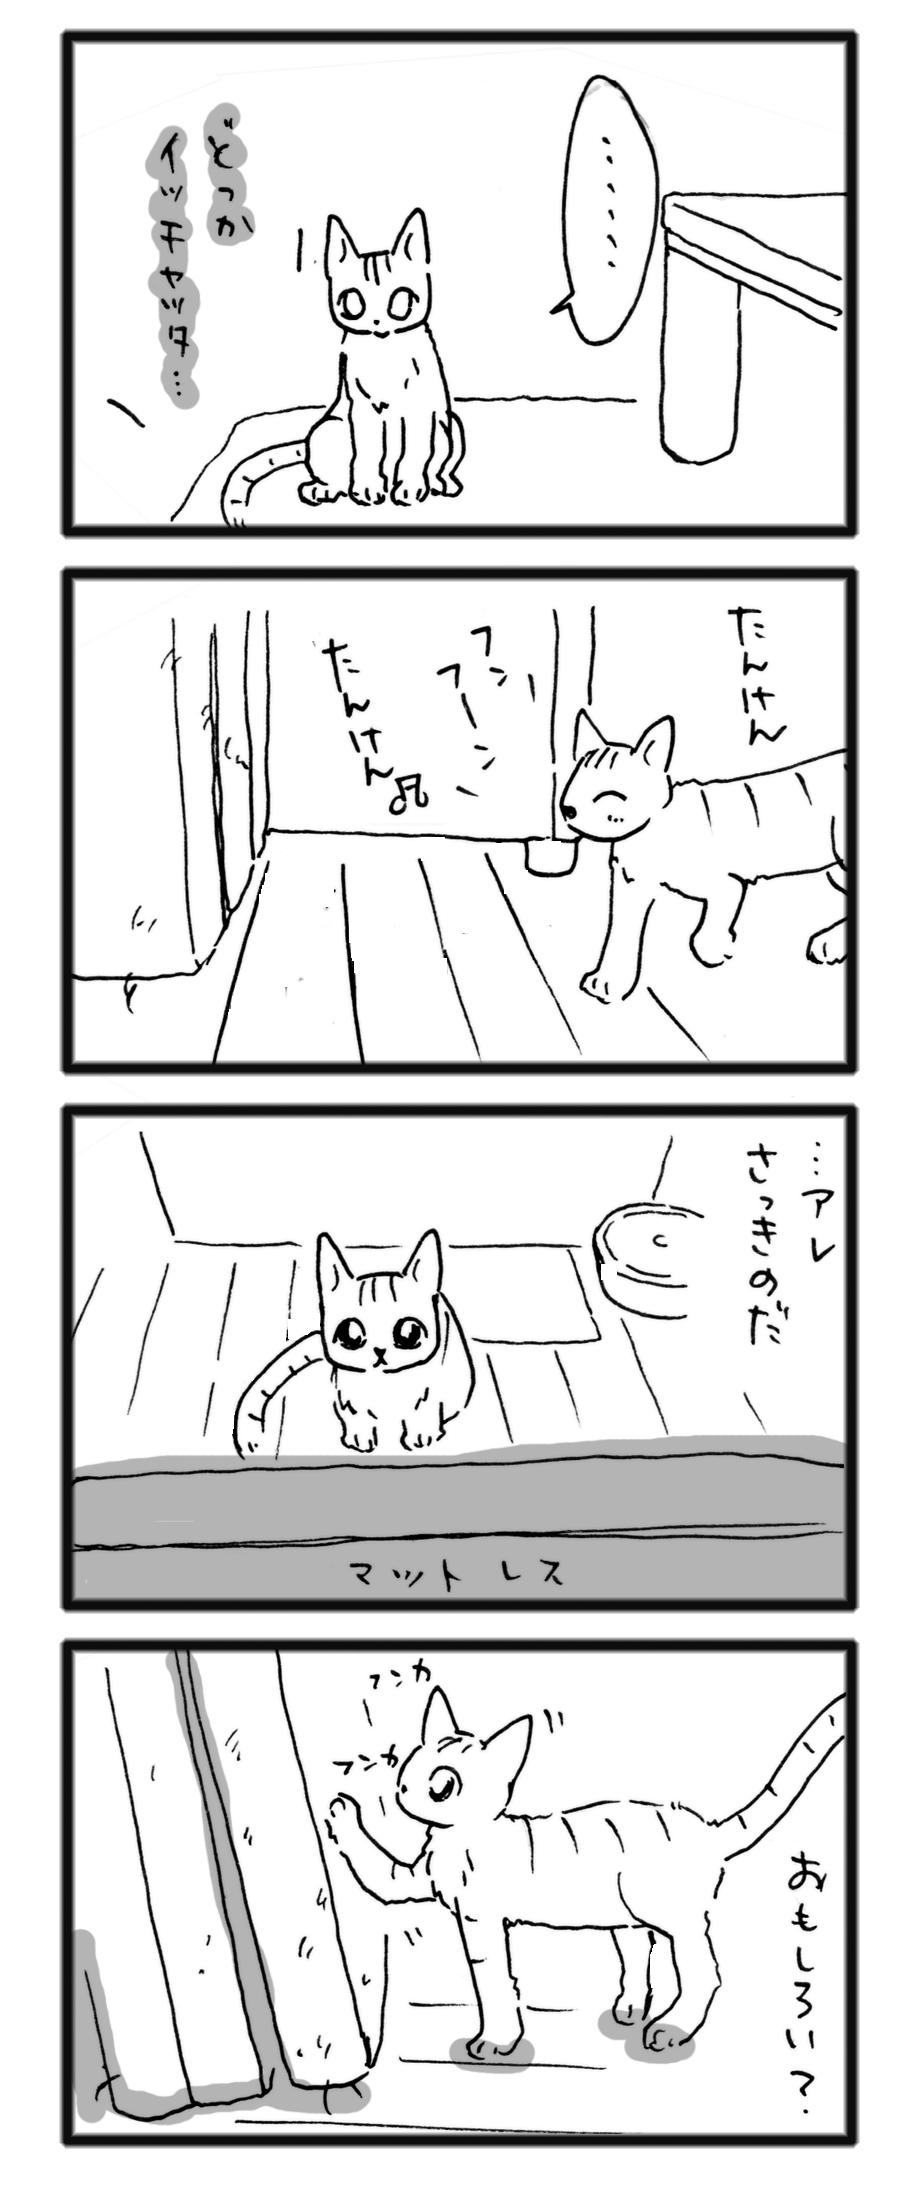 comic_13122003.jpg